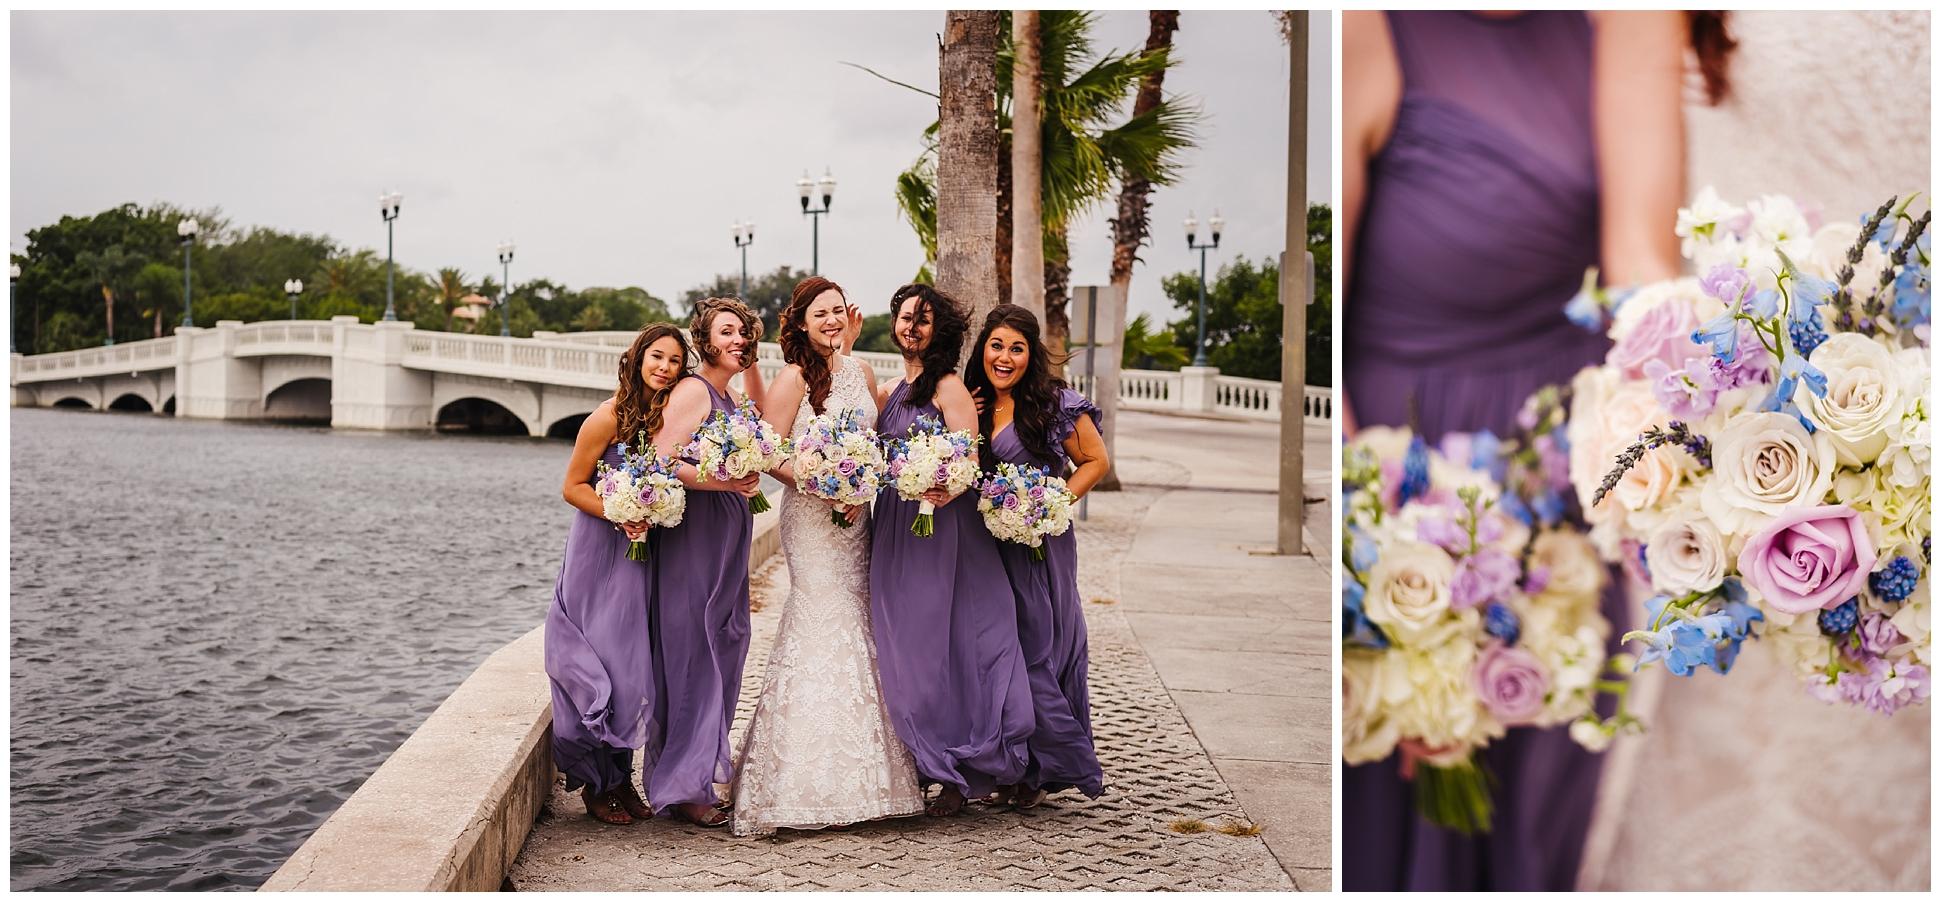 st-pete-wedding-photographer-nova-535-murals-downtown-lavendar_0029.jpg